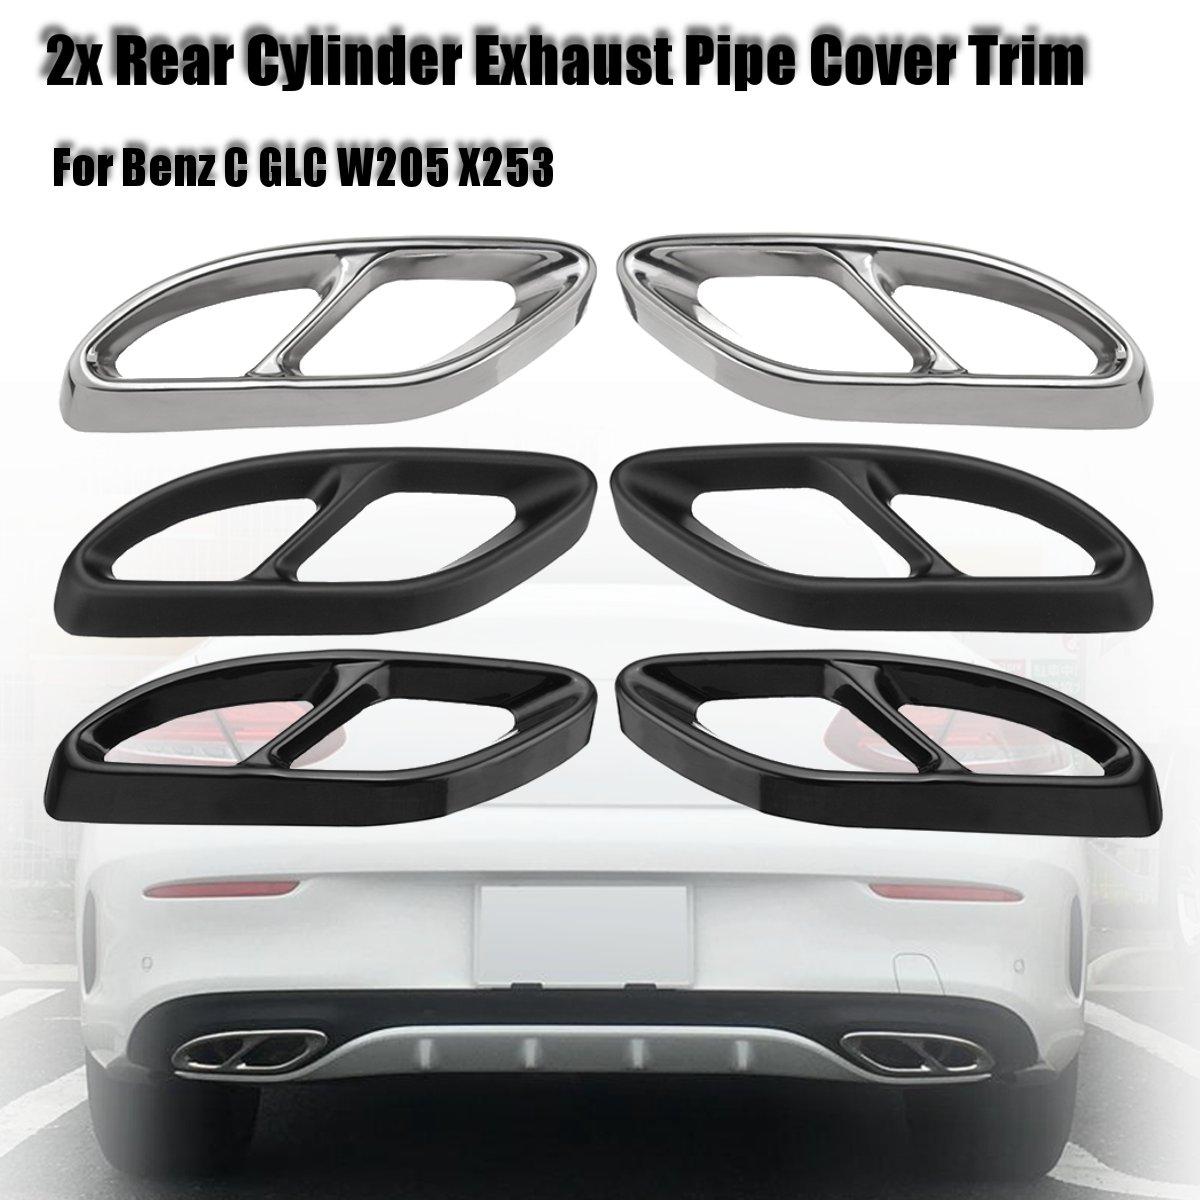 Noir de carbone voiture arrière double tuyau d'échappement bâton couvre Auto échappement silencieux garniture pour Benz C GLC W205 X253 2015 2016 2017 2018